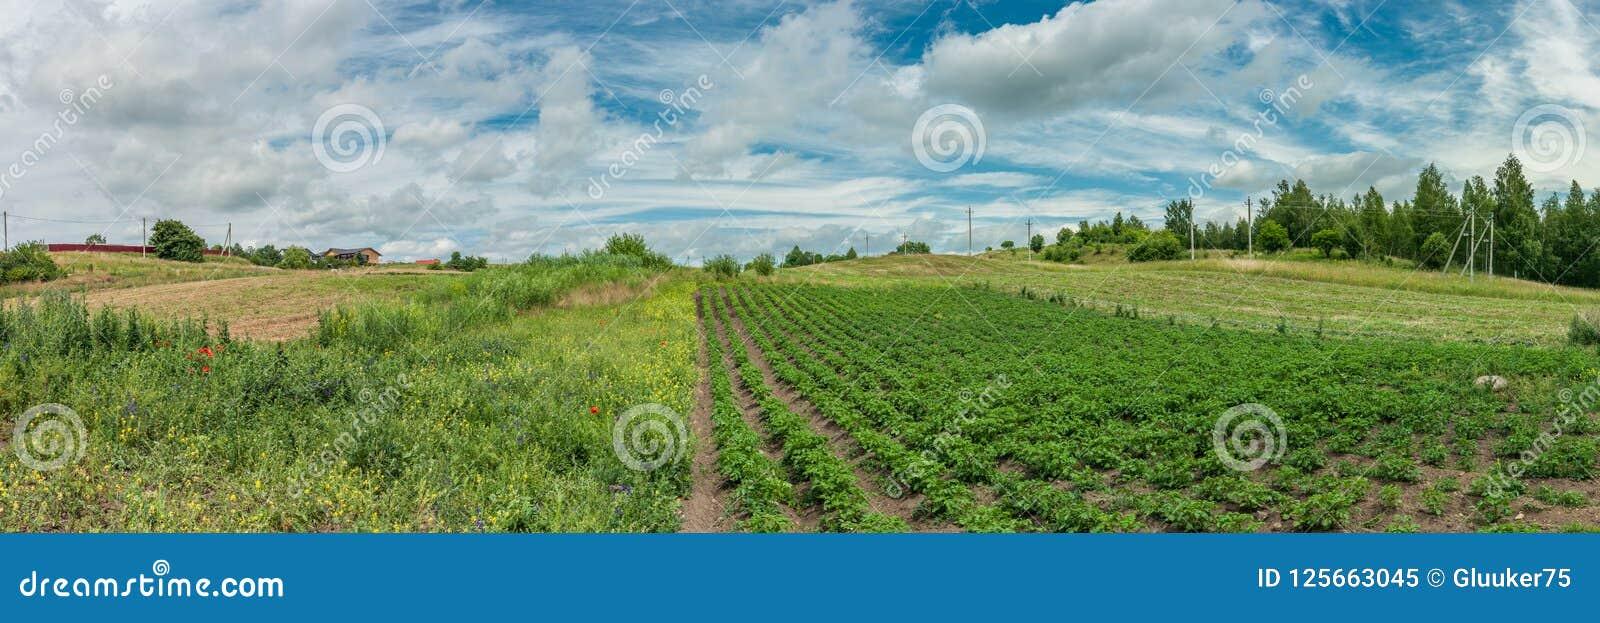 Gammalt lantligt landskap panoramautsikt av privat jordbruksmark